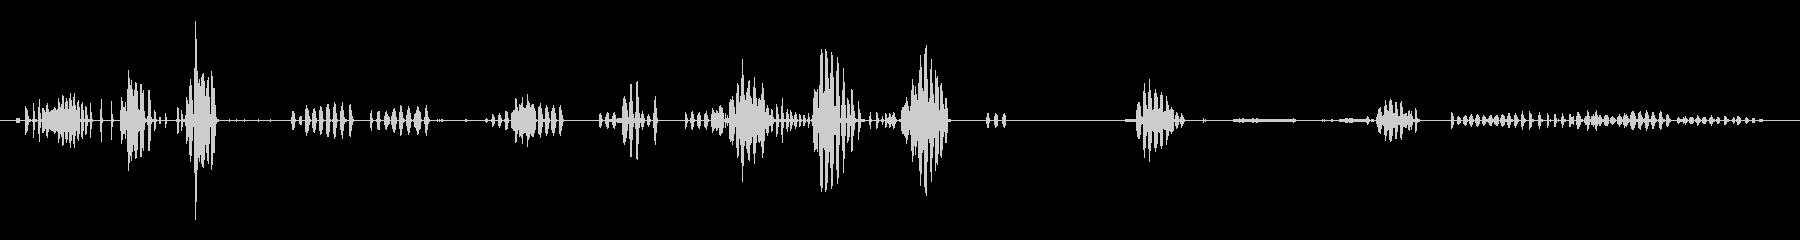 ギース、アウトドア、バード; DI...の未再生の波形